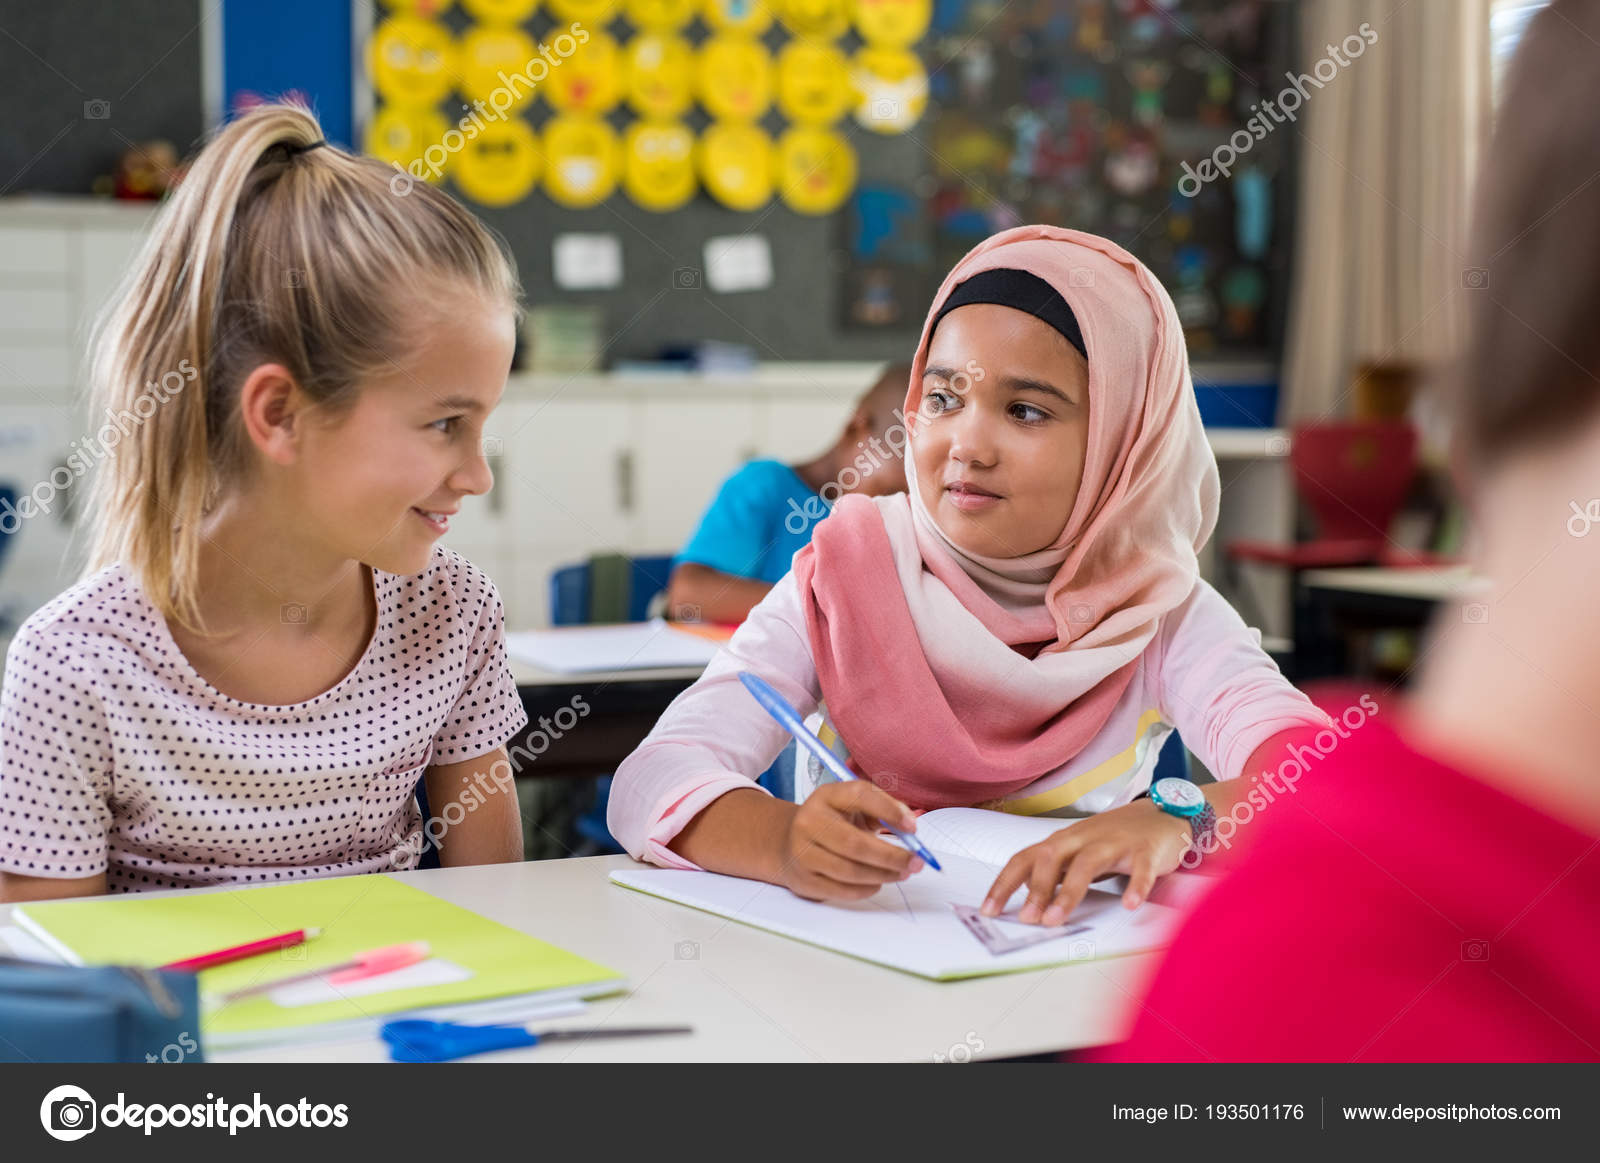 collegare con compagno di classe